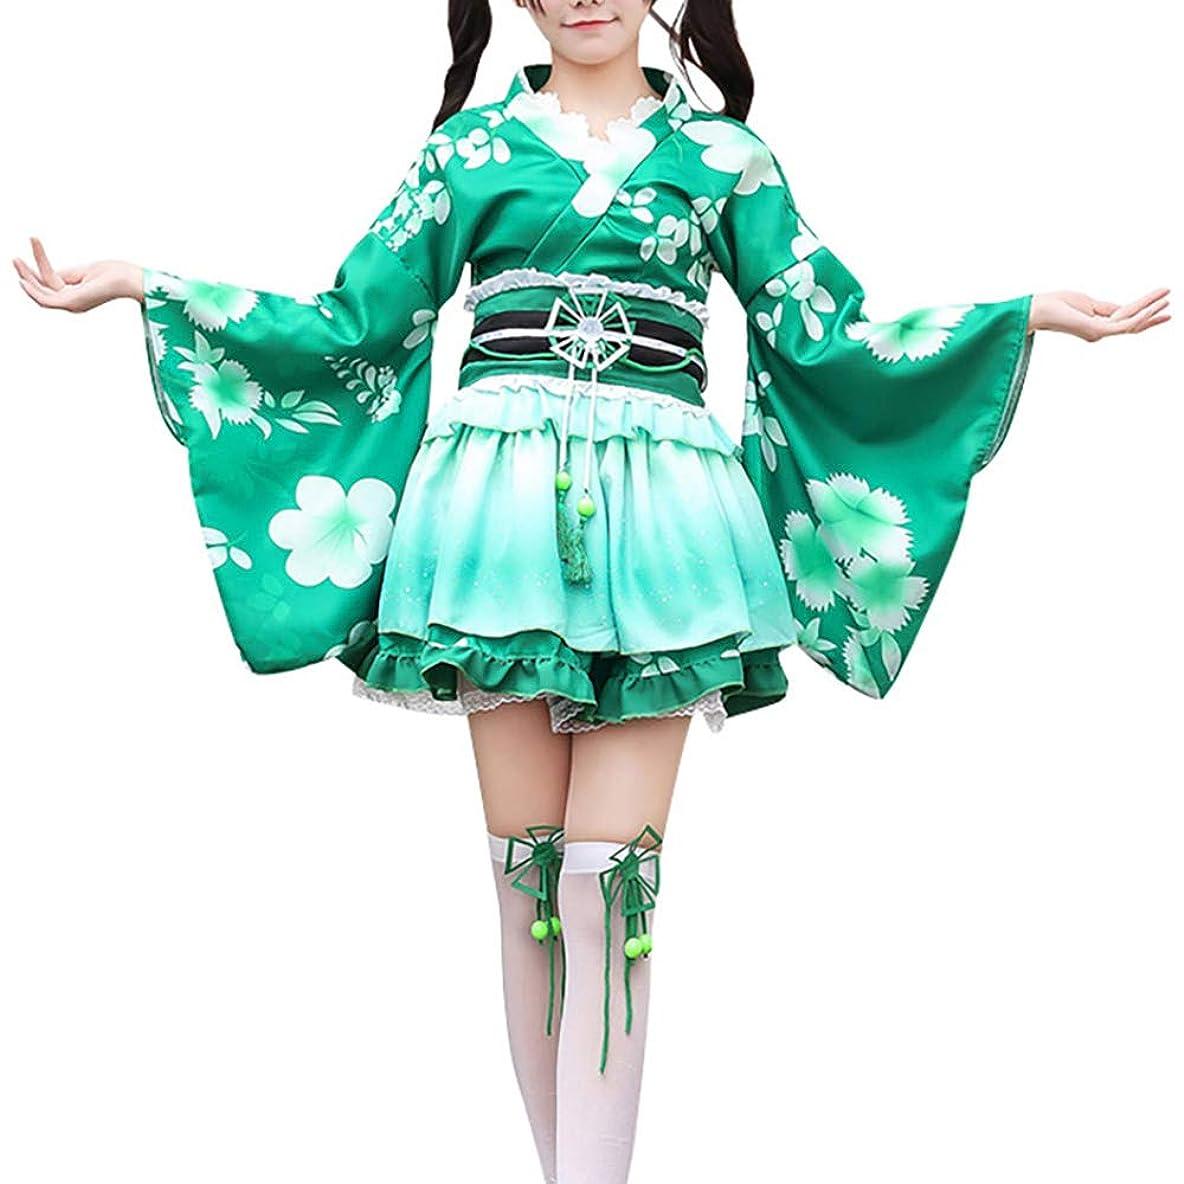 気球しばしば巡礼者レディース 花魁系 ロング 着物ドレス シフォン 桜 和風 浴衣 コスチューム コスプレ衣装 帯付き 粉